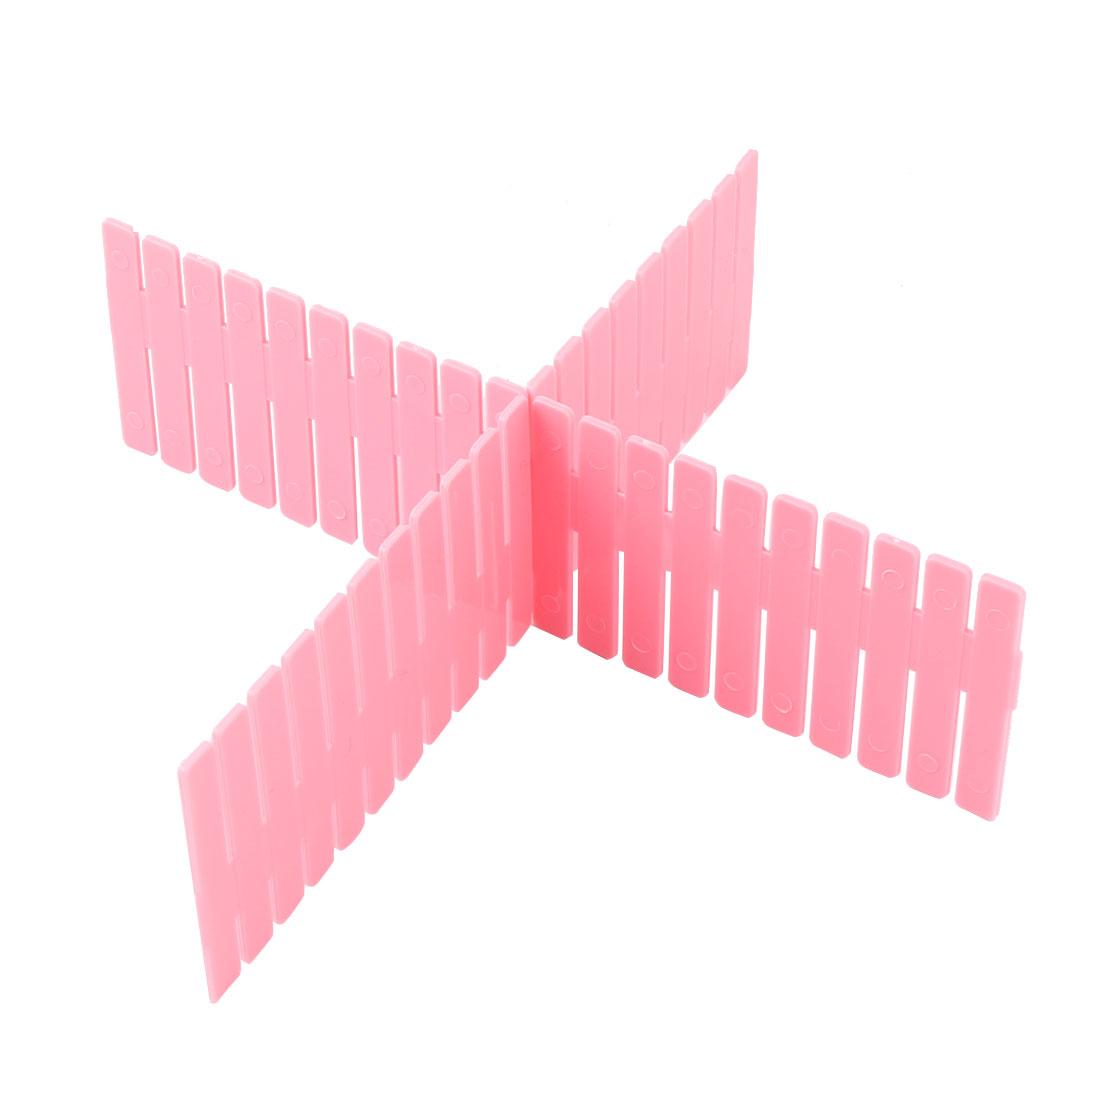 Grille séparation réglable en plastique ménage Rangé diviseurs tiroir 12 pcs rose - image 1 de 3